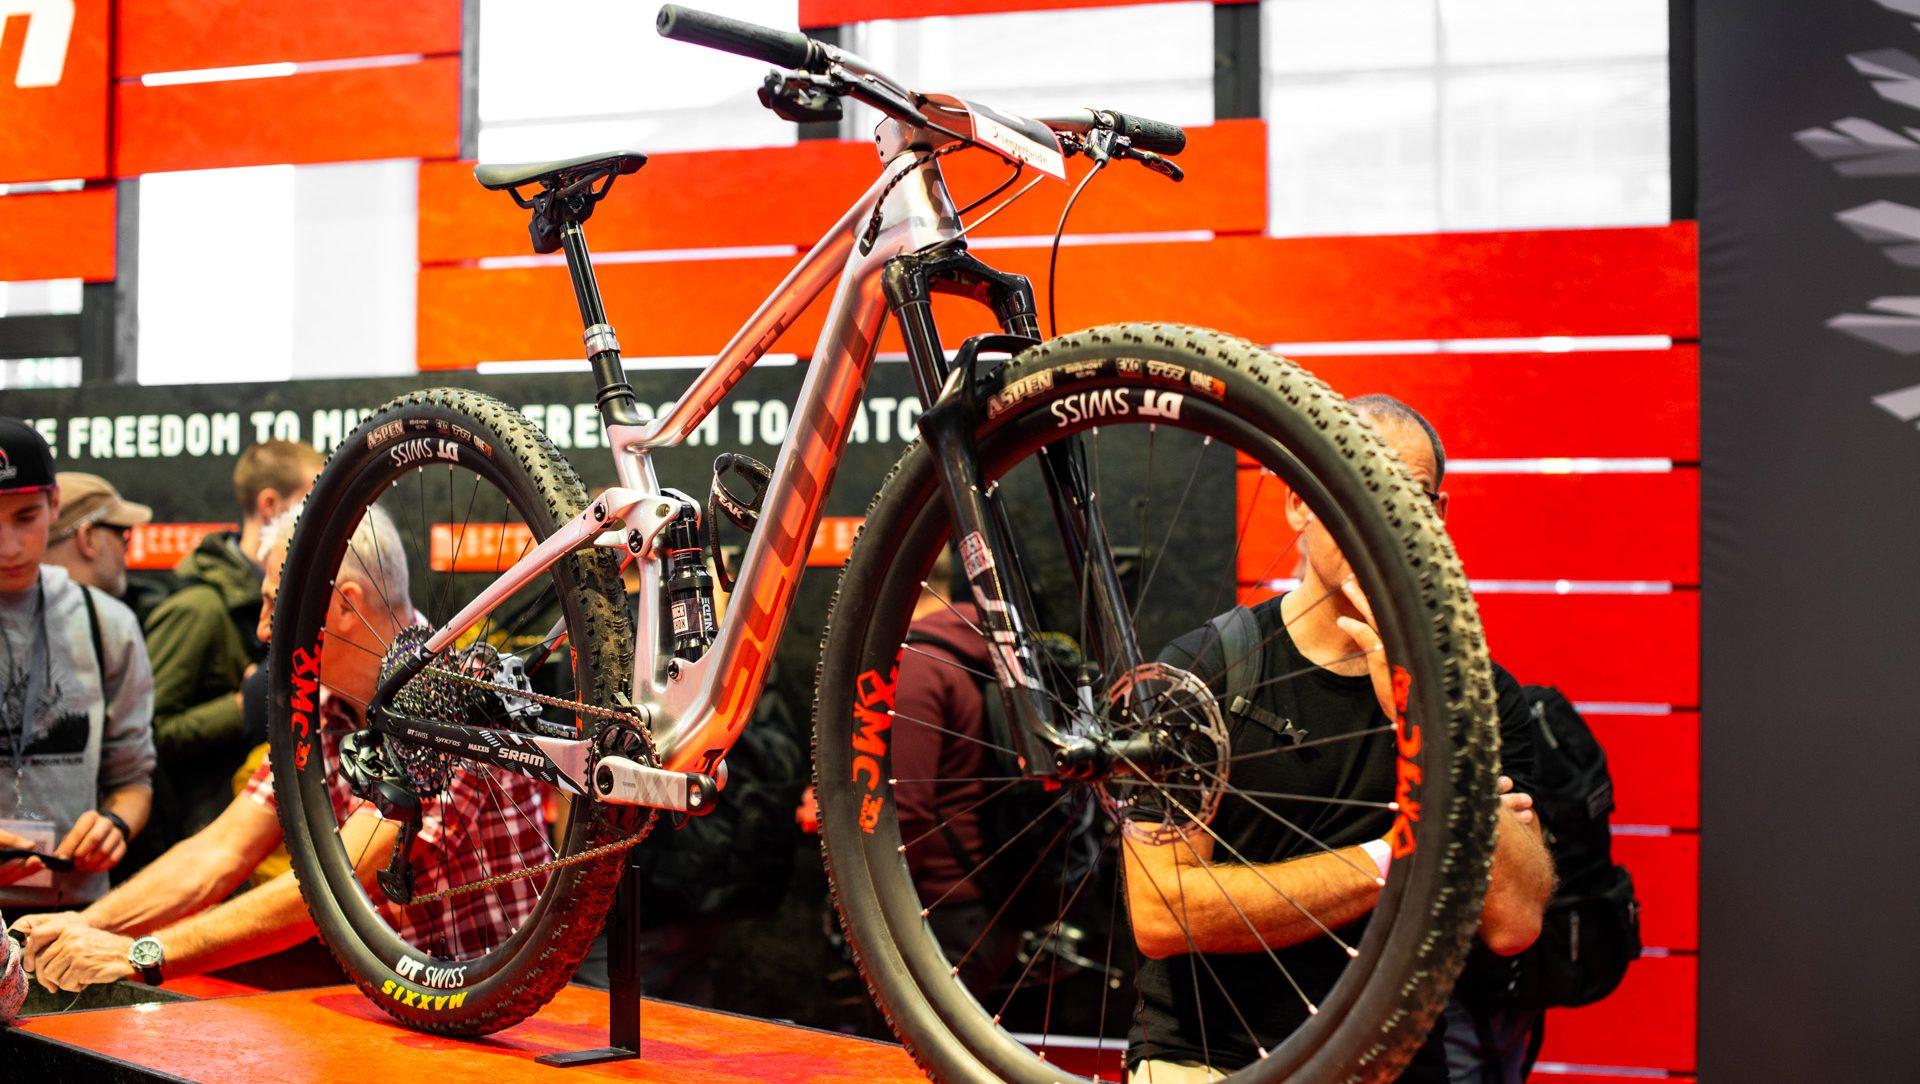 Eurobike 2019 – As bicicletas de montanha em destaque (parte1)